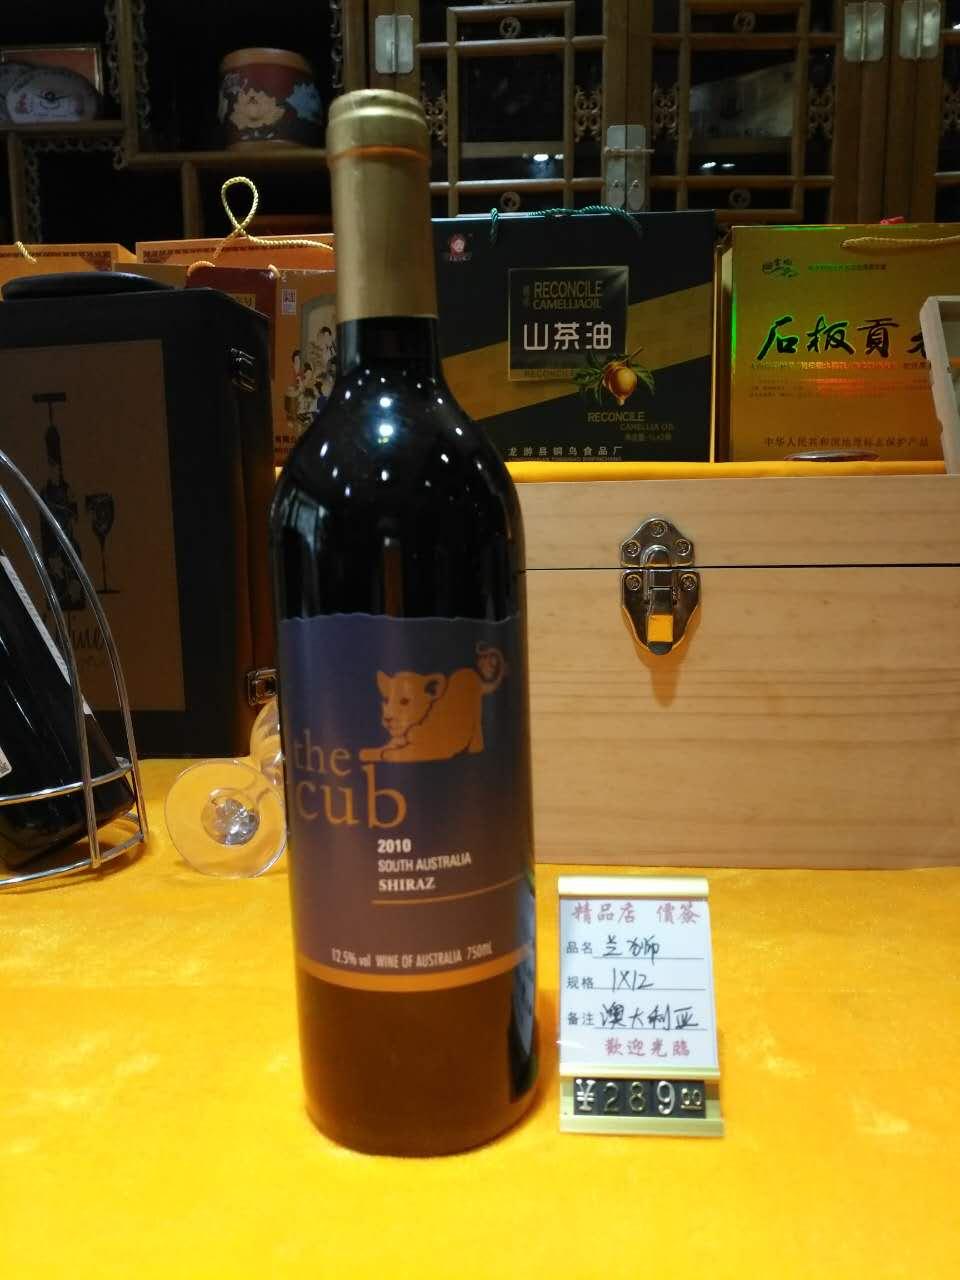 陕西澳洲原装进口红酒批发、价位合理的澳洲原装进口红酒【供销】